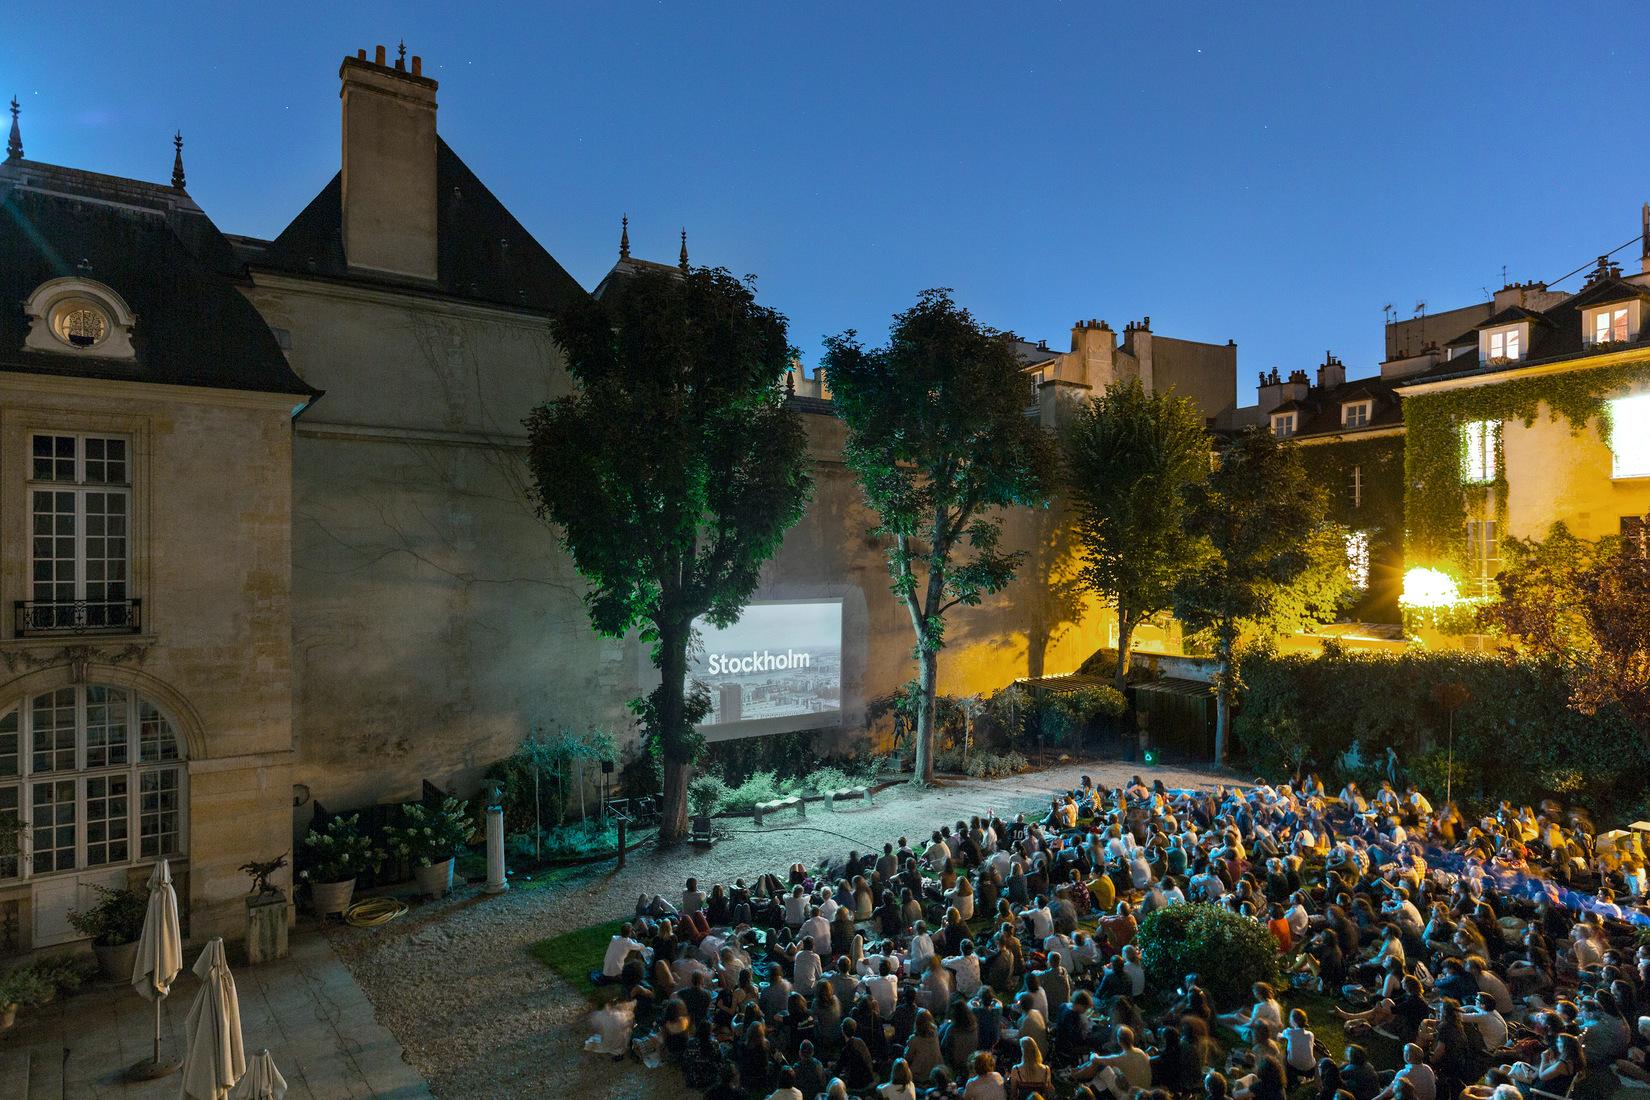 séance de cinéma plein air dans le jardin de l'Institut suédois à Paris